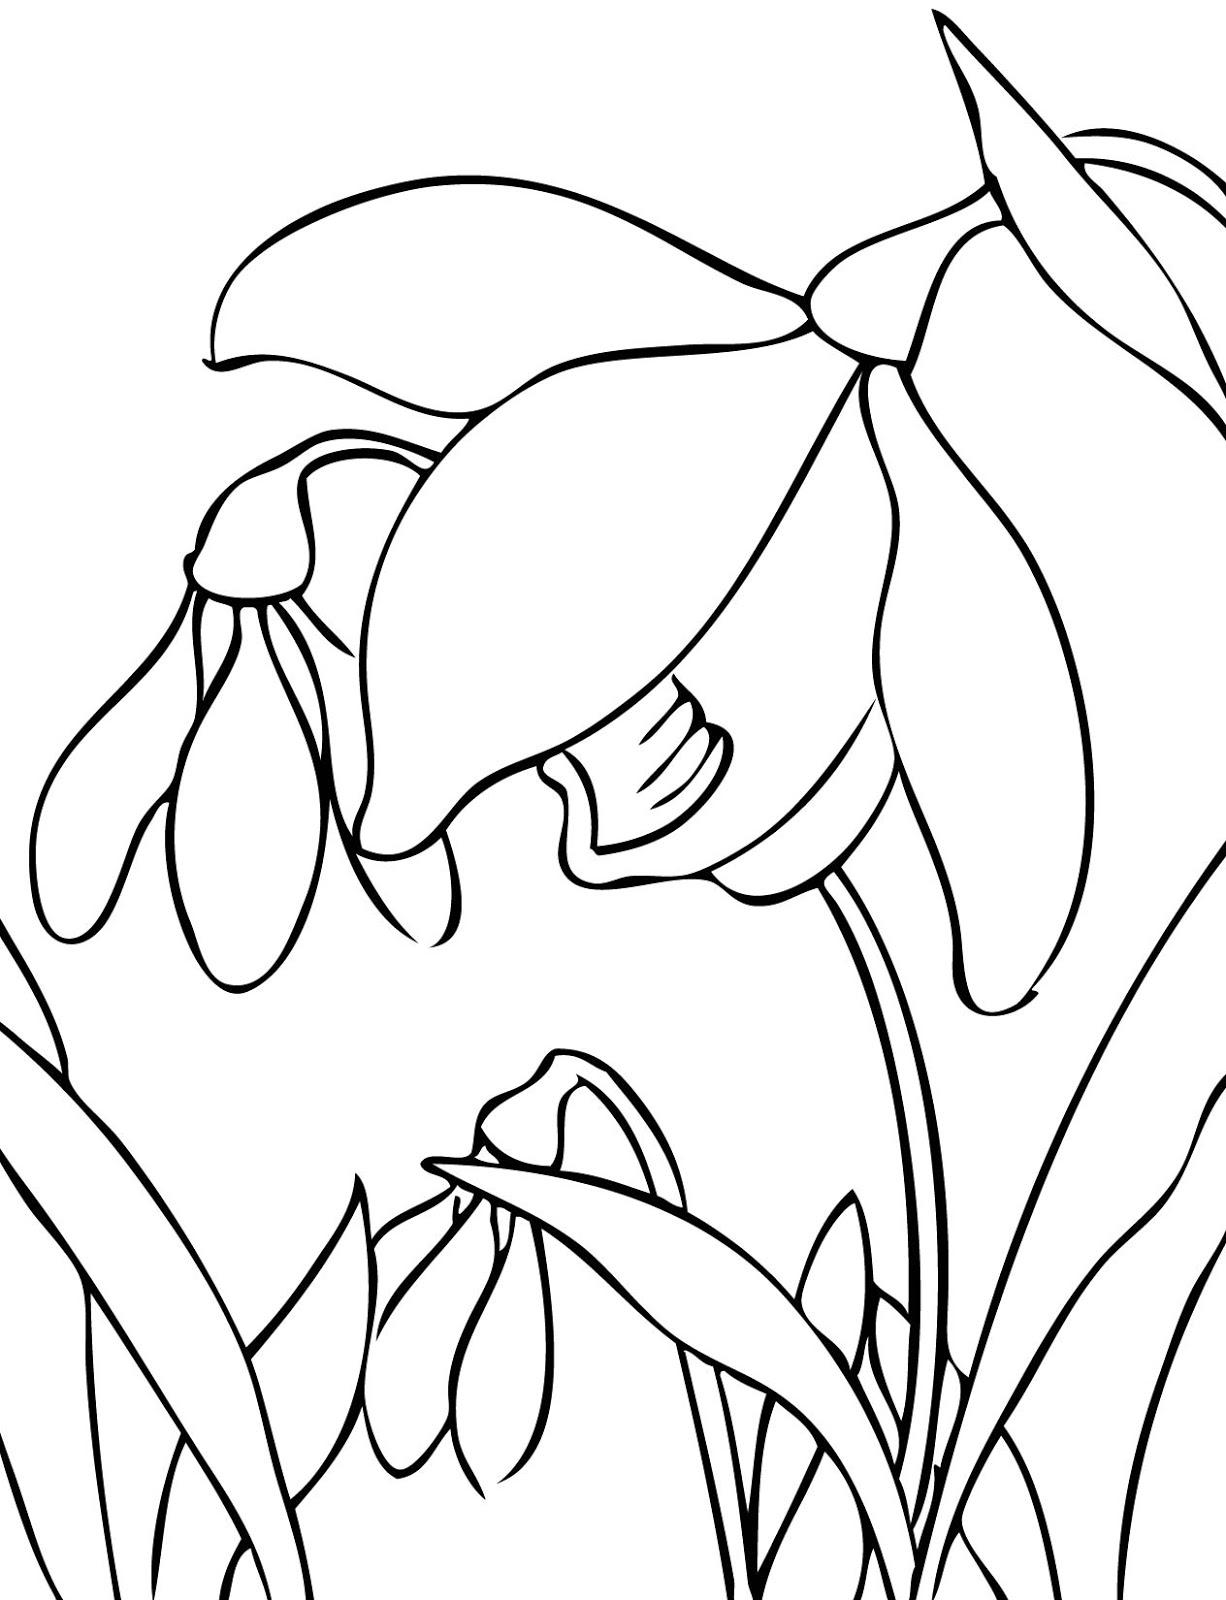 Раскраски деткам: Раскраски о весне - подснежники